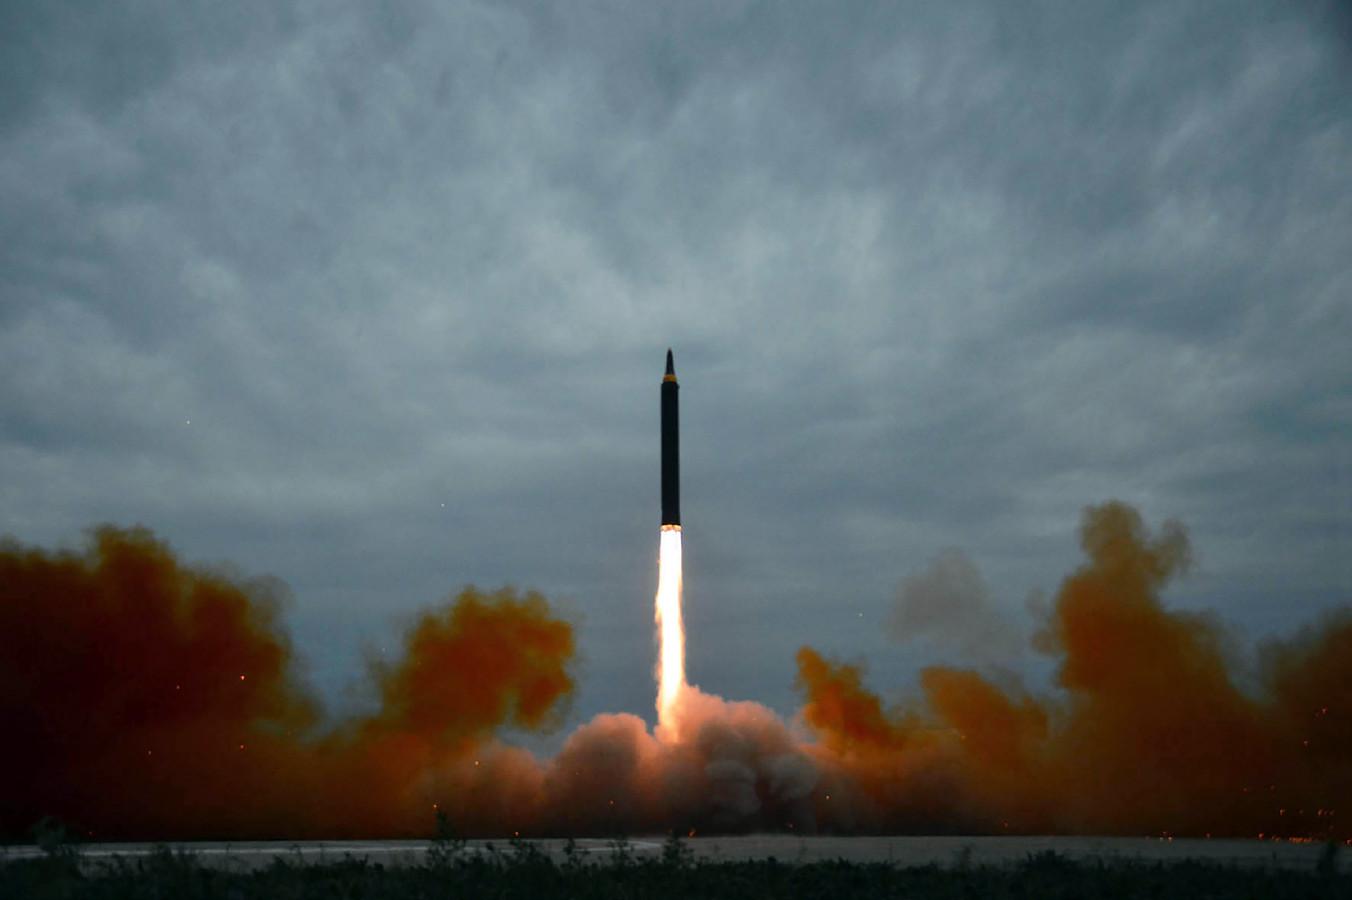 Noord-Korea gaf vandaag beelden vrij van de lancering van de middellangeafstandsraket.